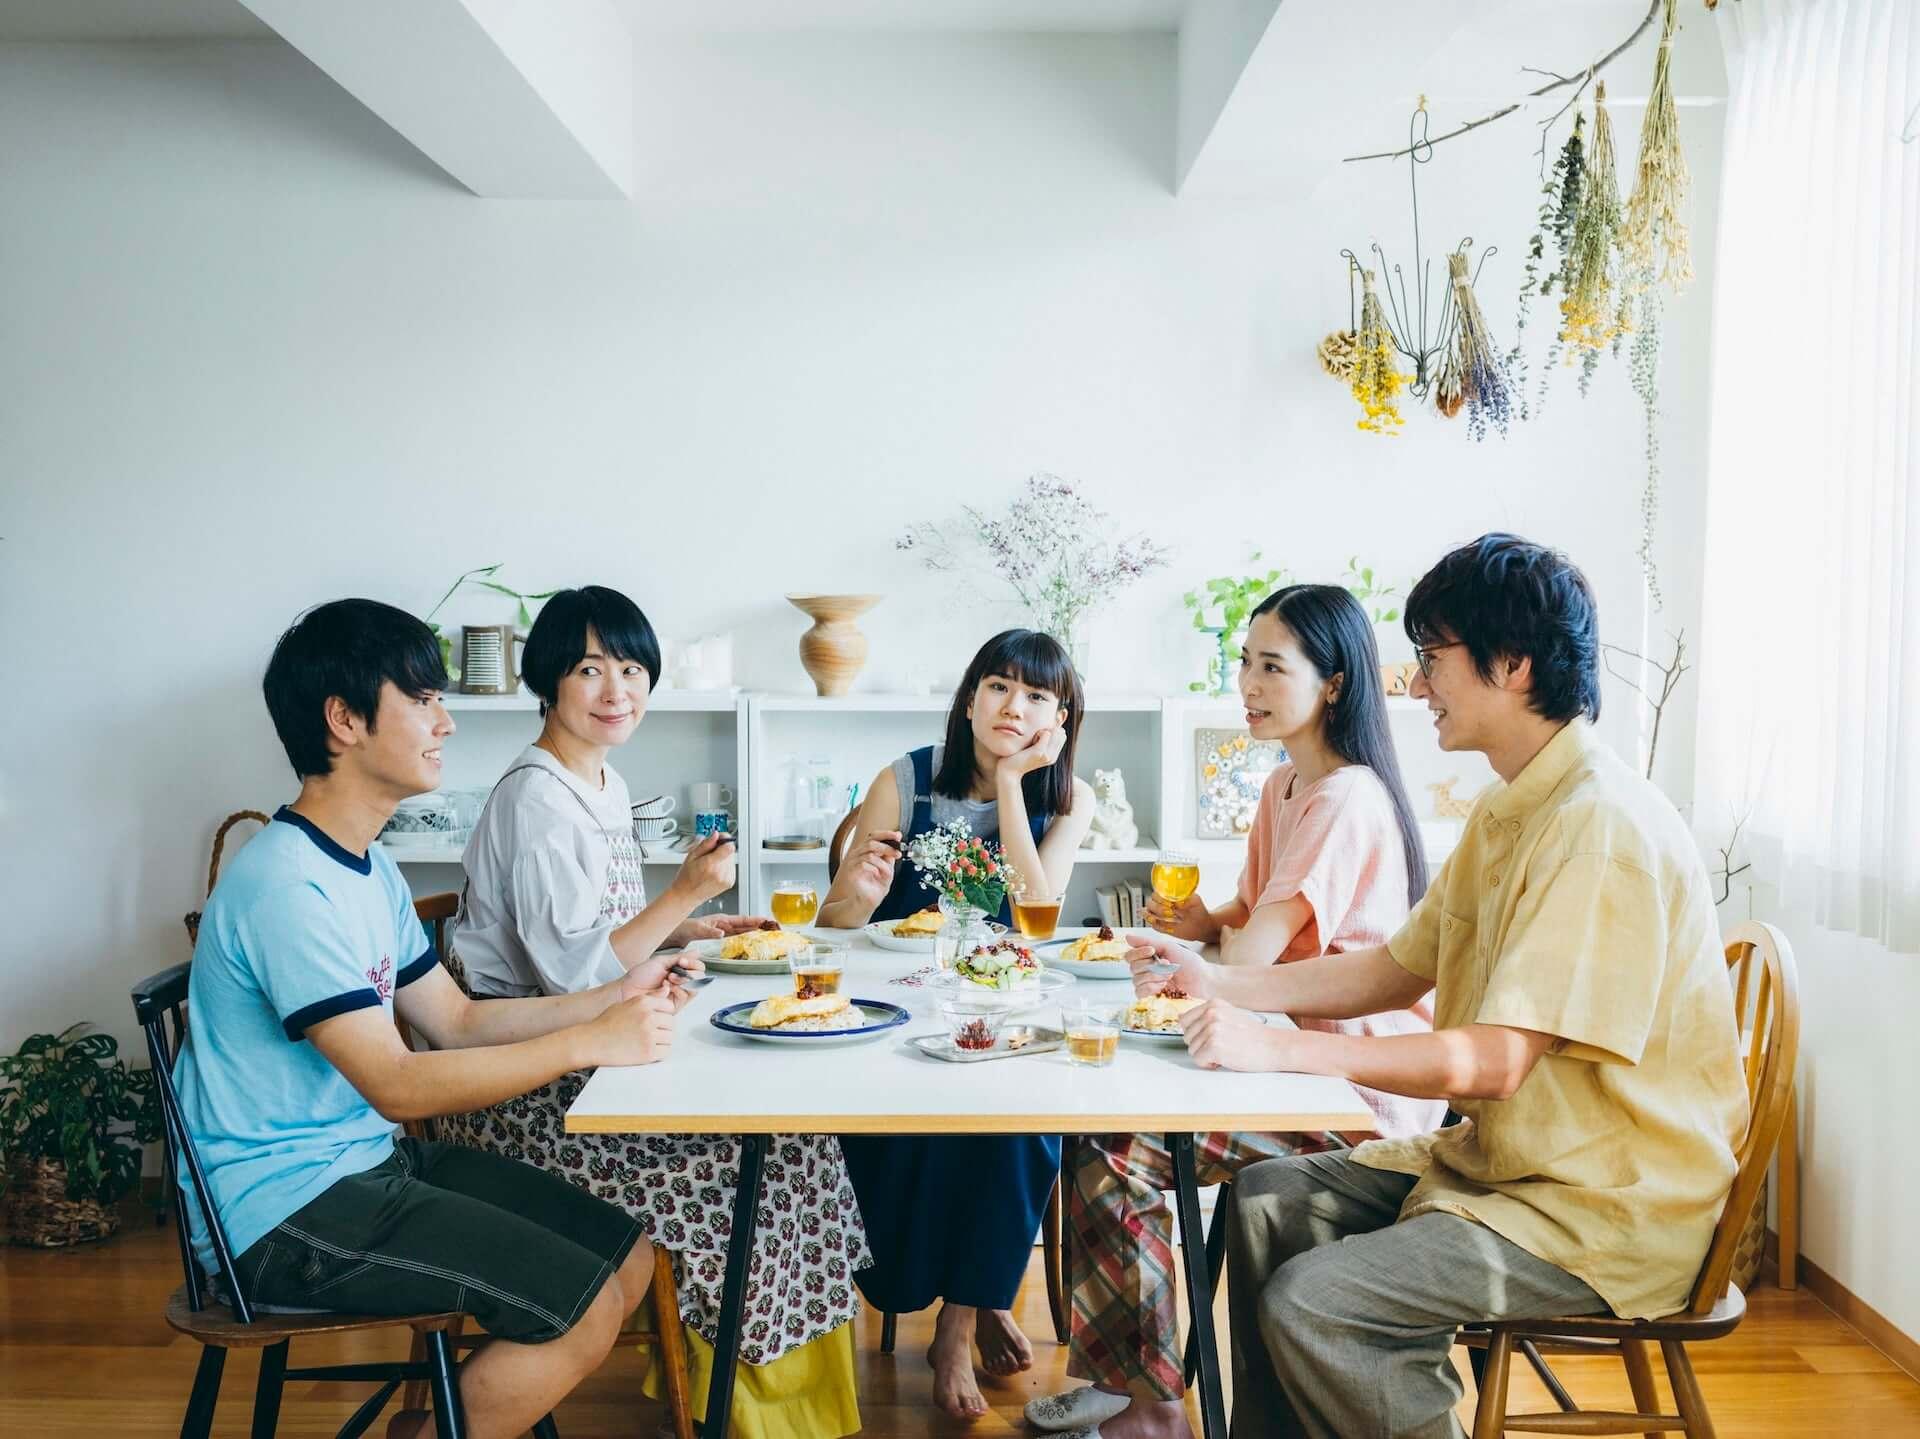 「北欧、暮らしの道具店」初の映画『青葉家のテーブル』が来年春に公開決定!市川実和子、栗林藍希ら追加キャストも発表 film201217_hokuohkurashi_2-1920x1439